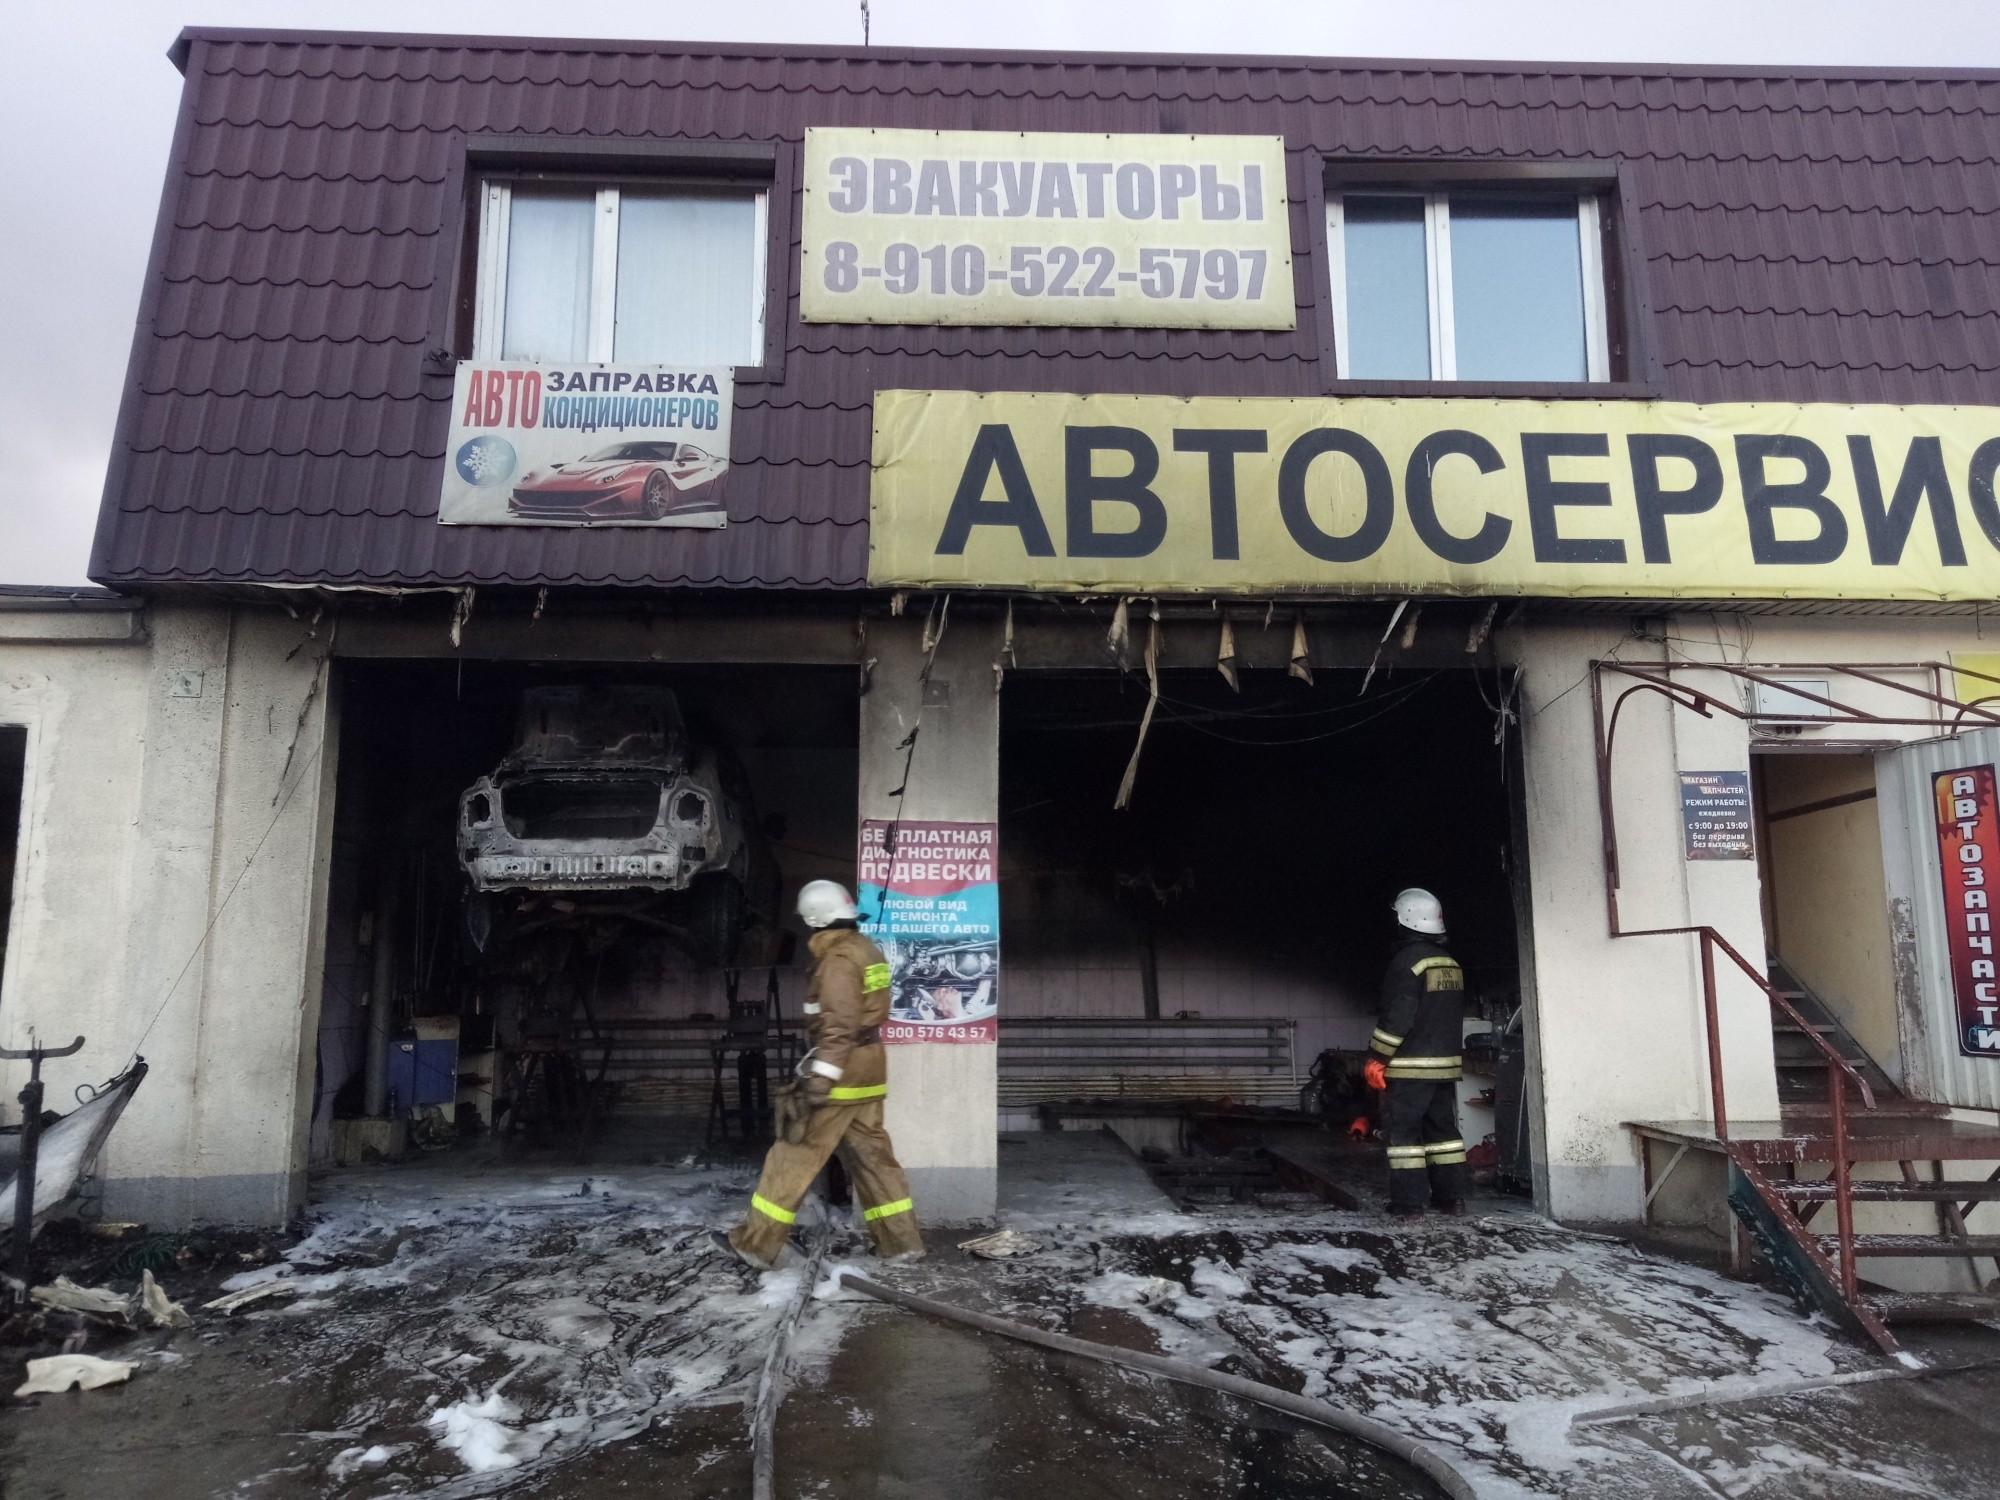 Автосервис сгорел 25 января в Малоярославце Калужской области